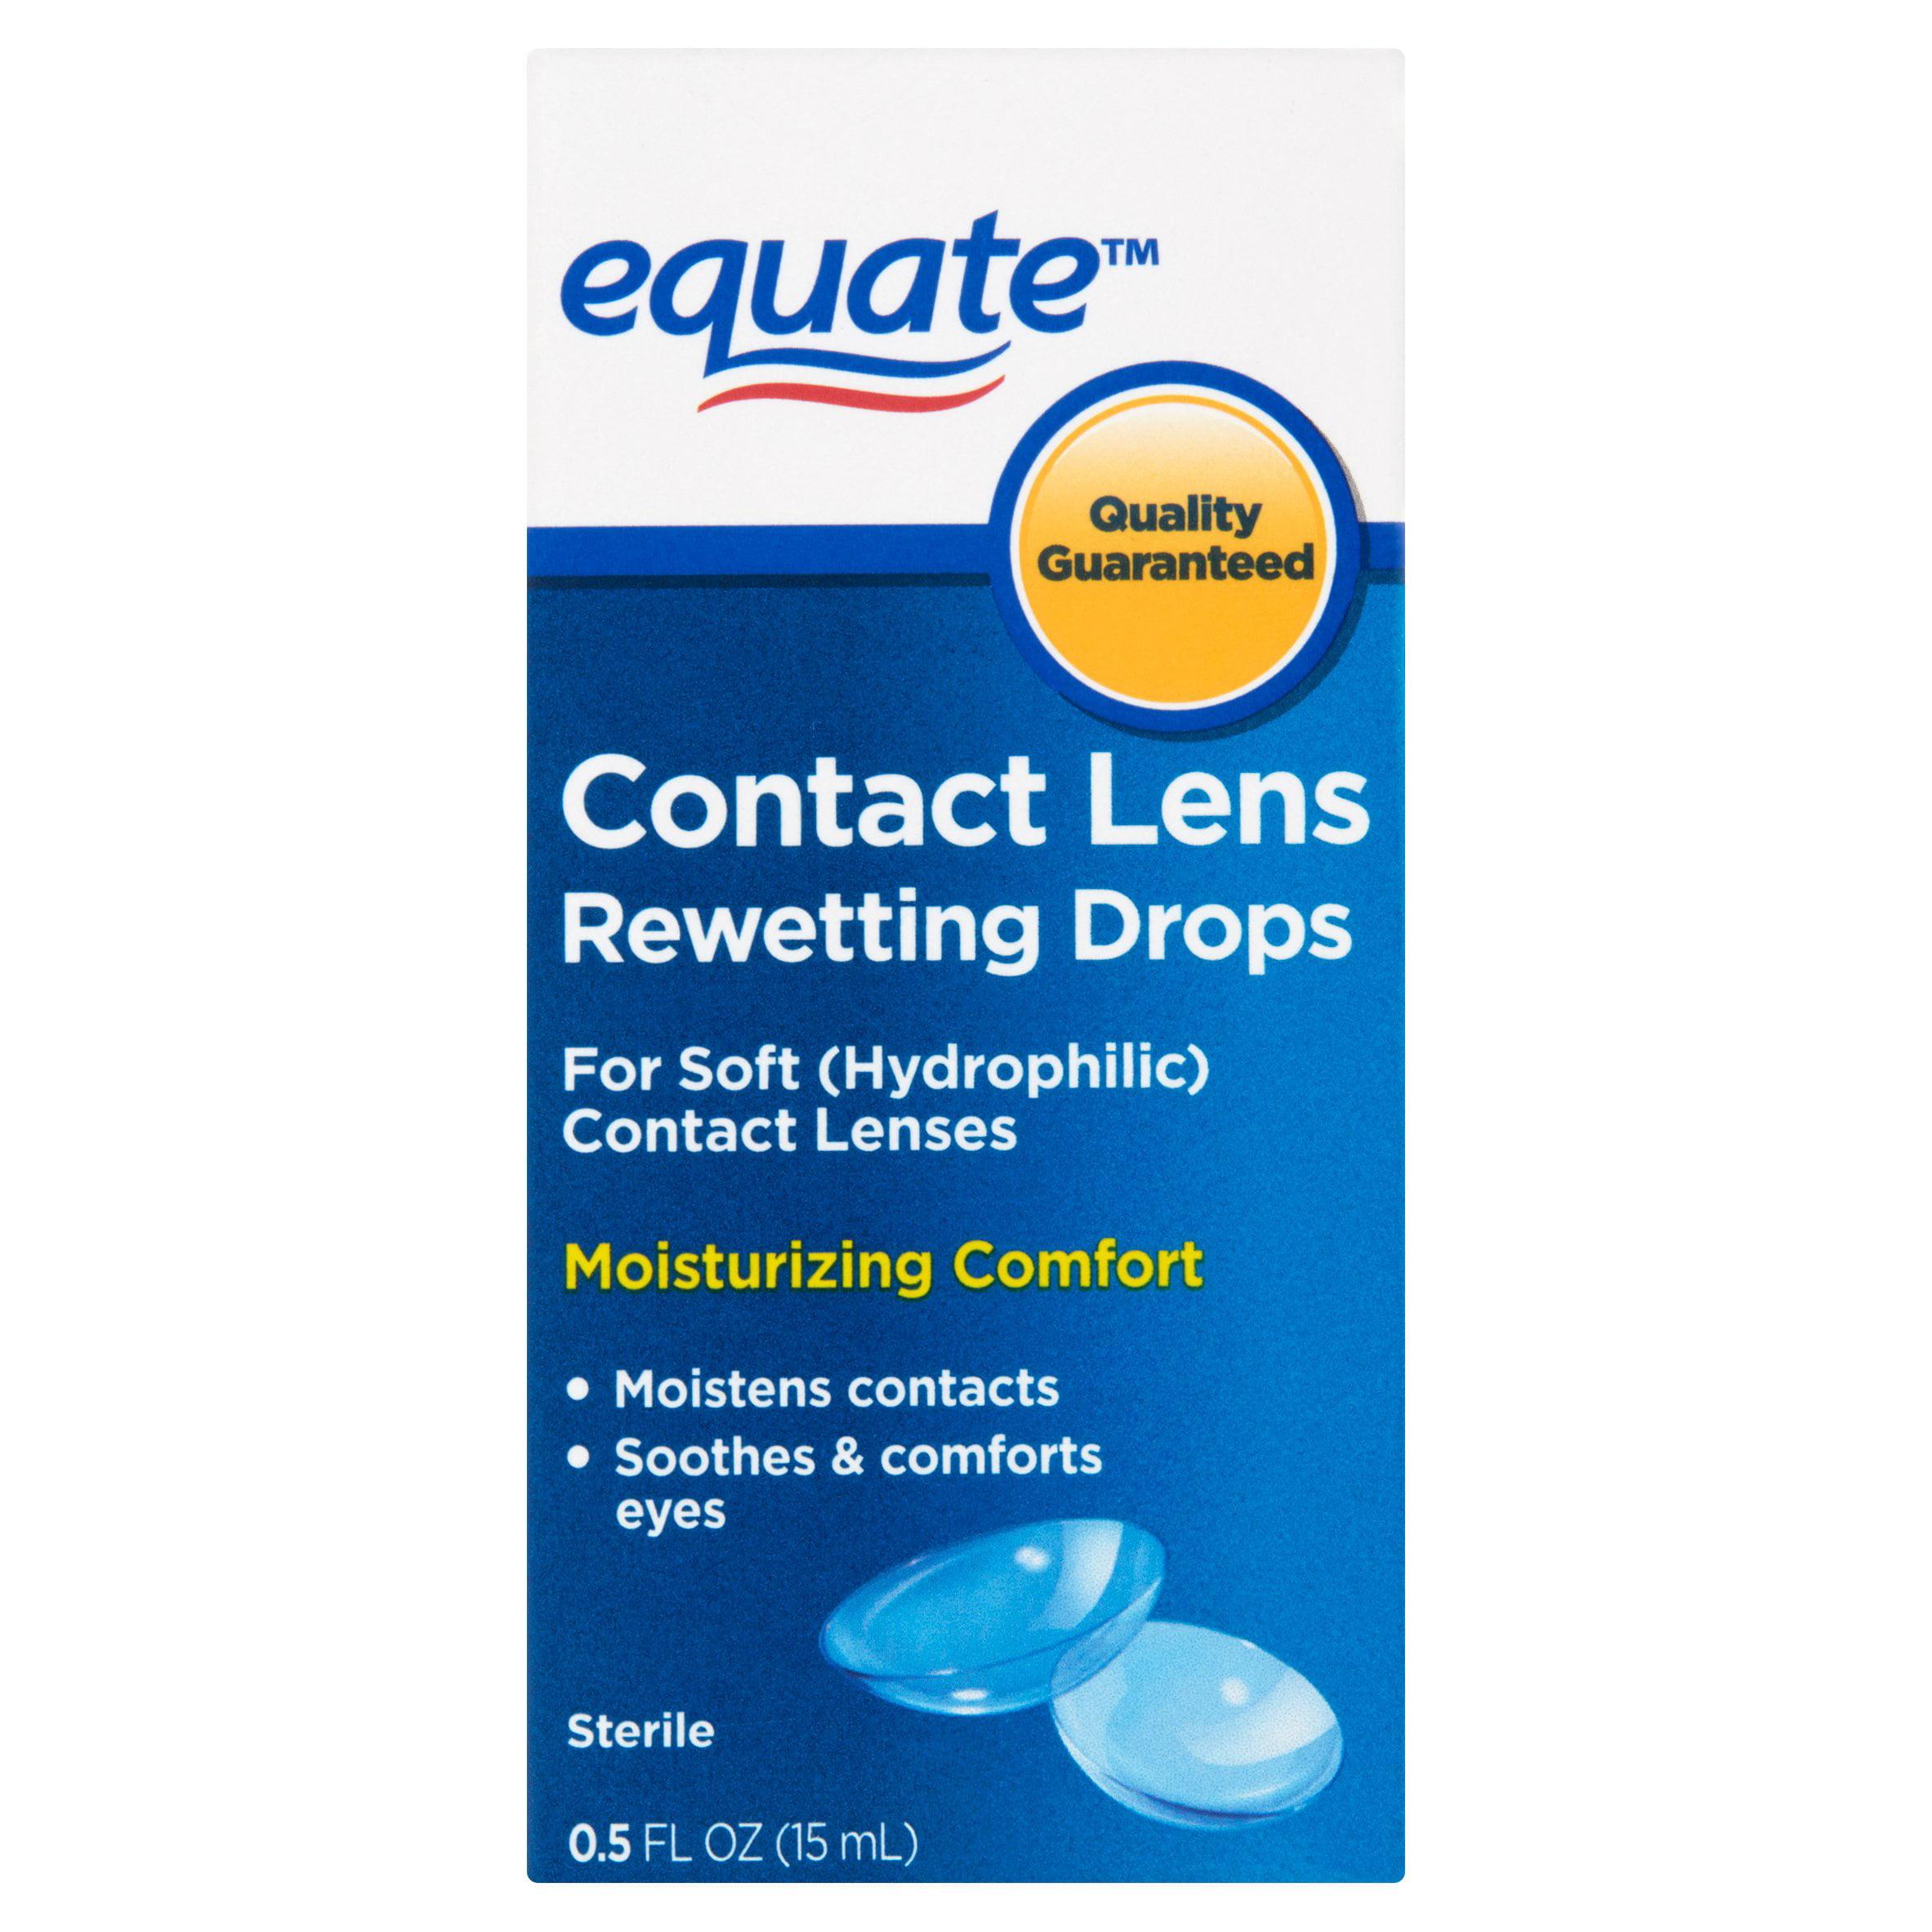 Equate Contact Lens Rewetting Drops, 0.5 Oz